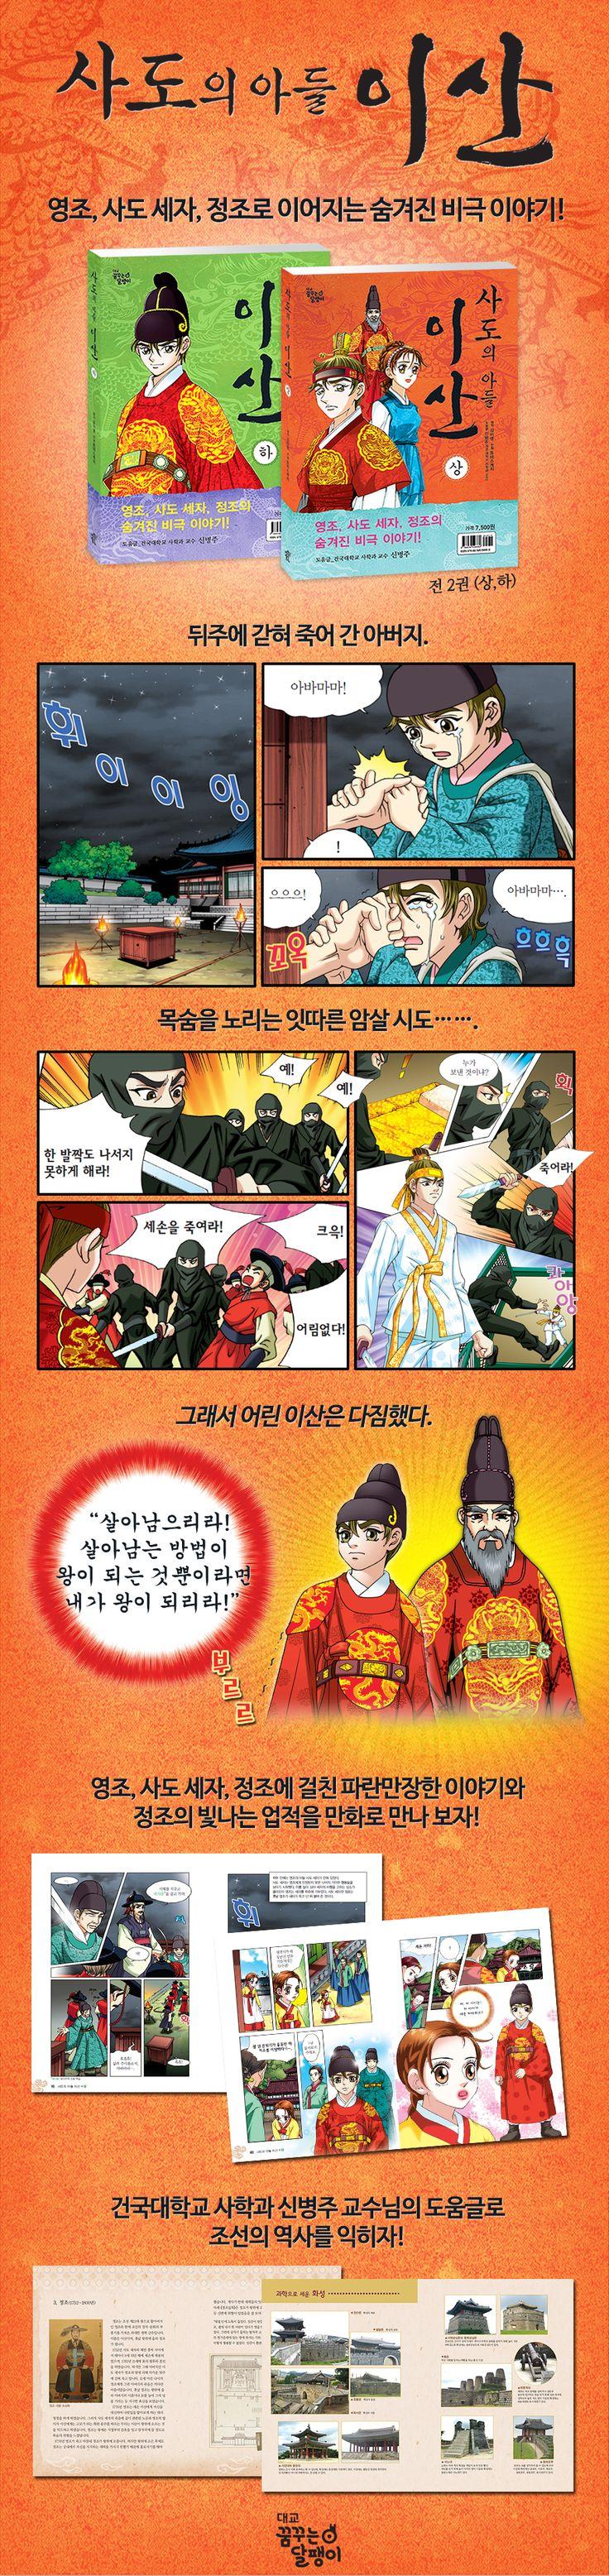 사도의 아들 이산 2권세트 예쁜 꽃미남 그림체로 만나는 이산 이야기~